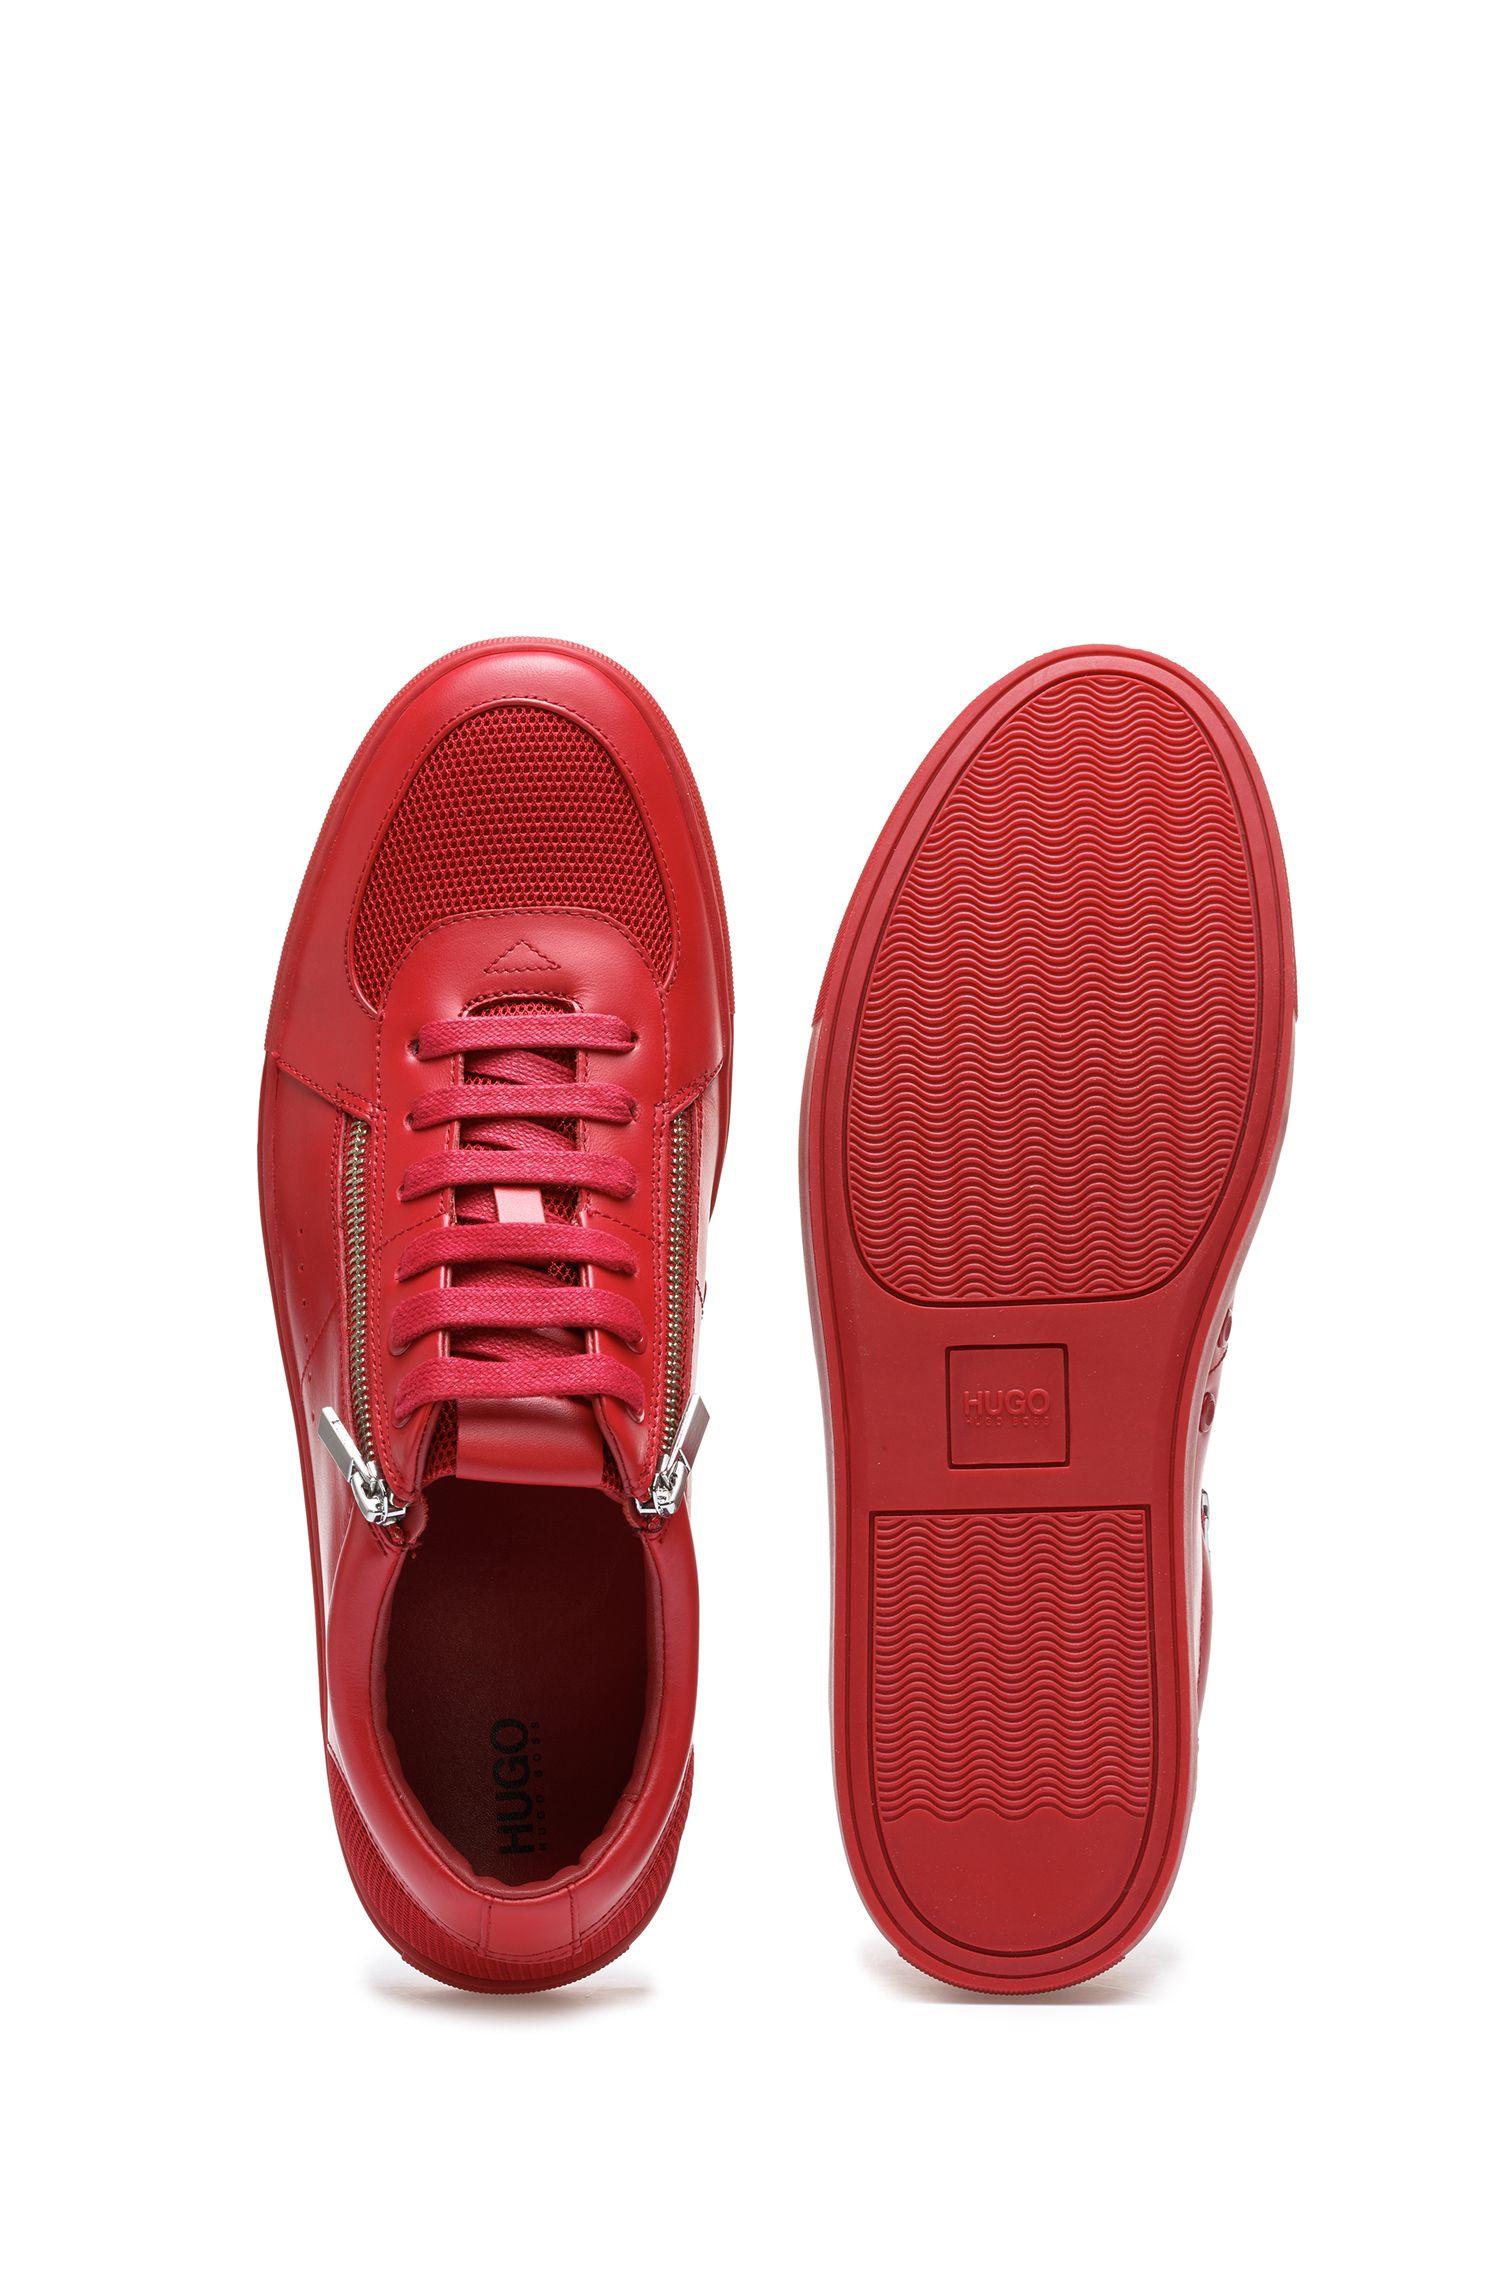 Baskets inspirées des chaussures de tennis en cuir de veau, avec fermetures éclair, Rouge